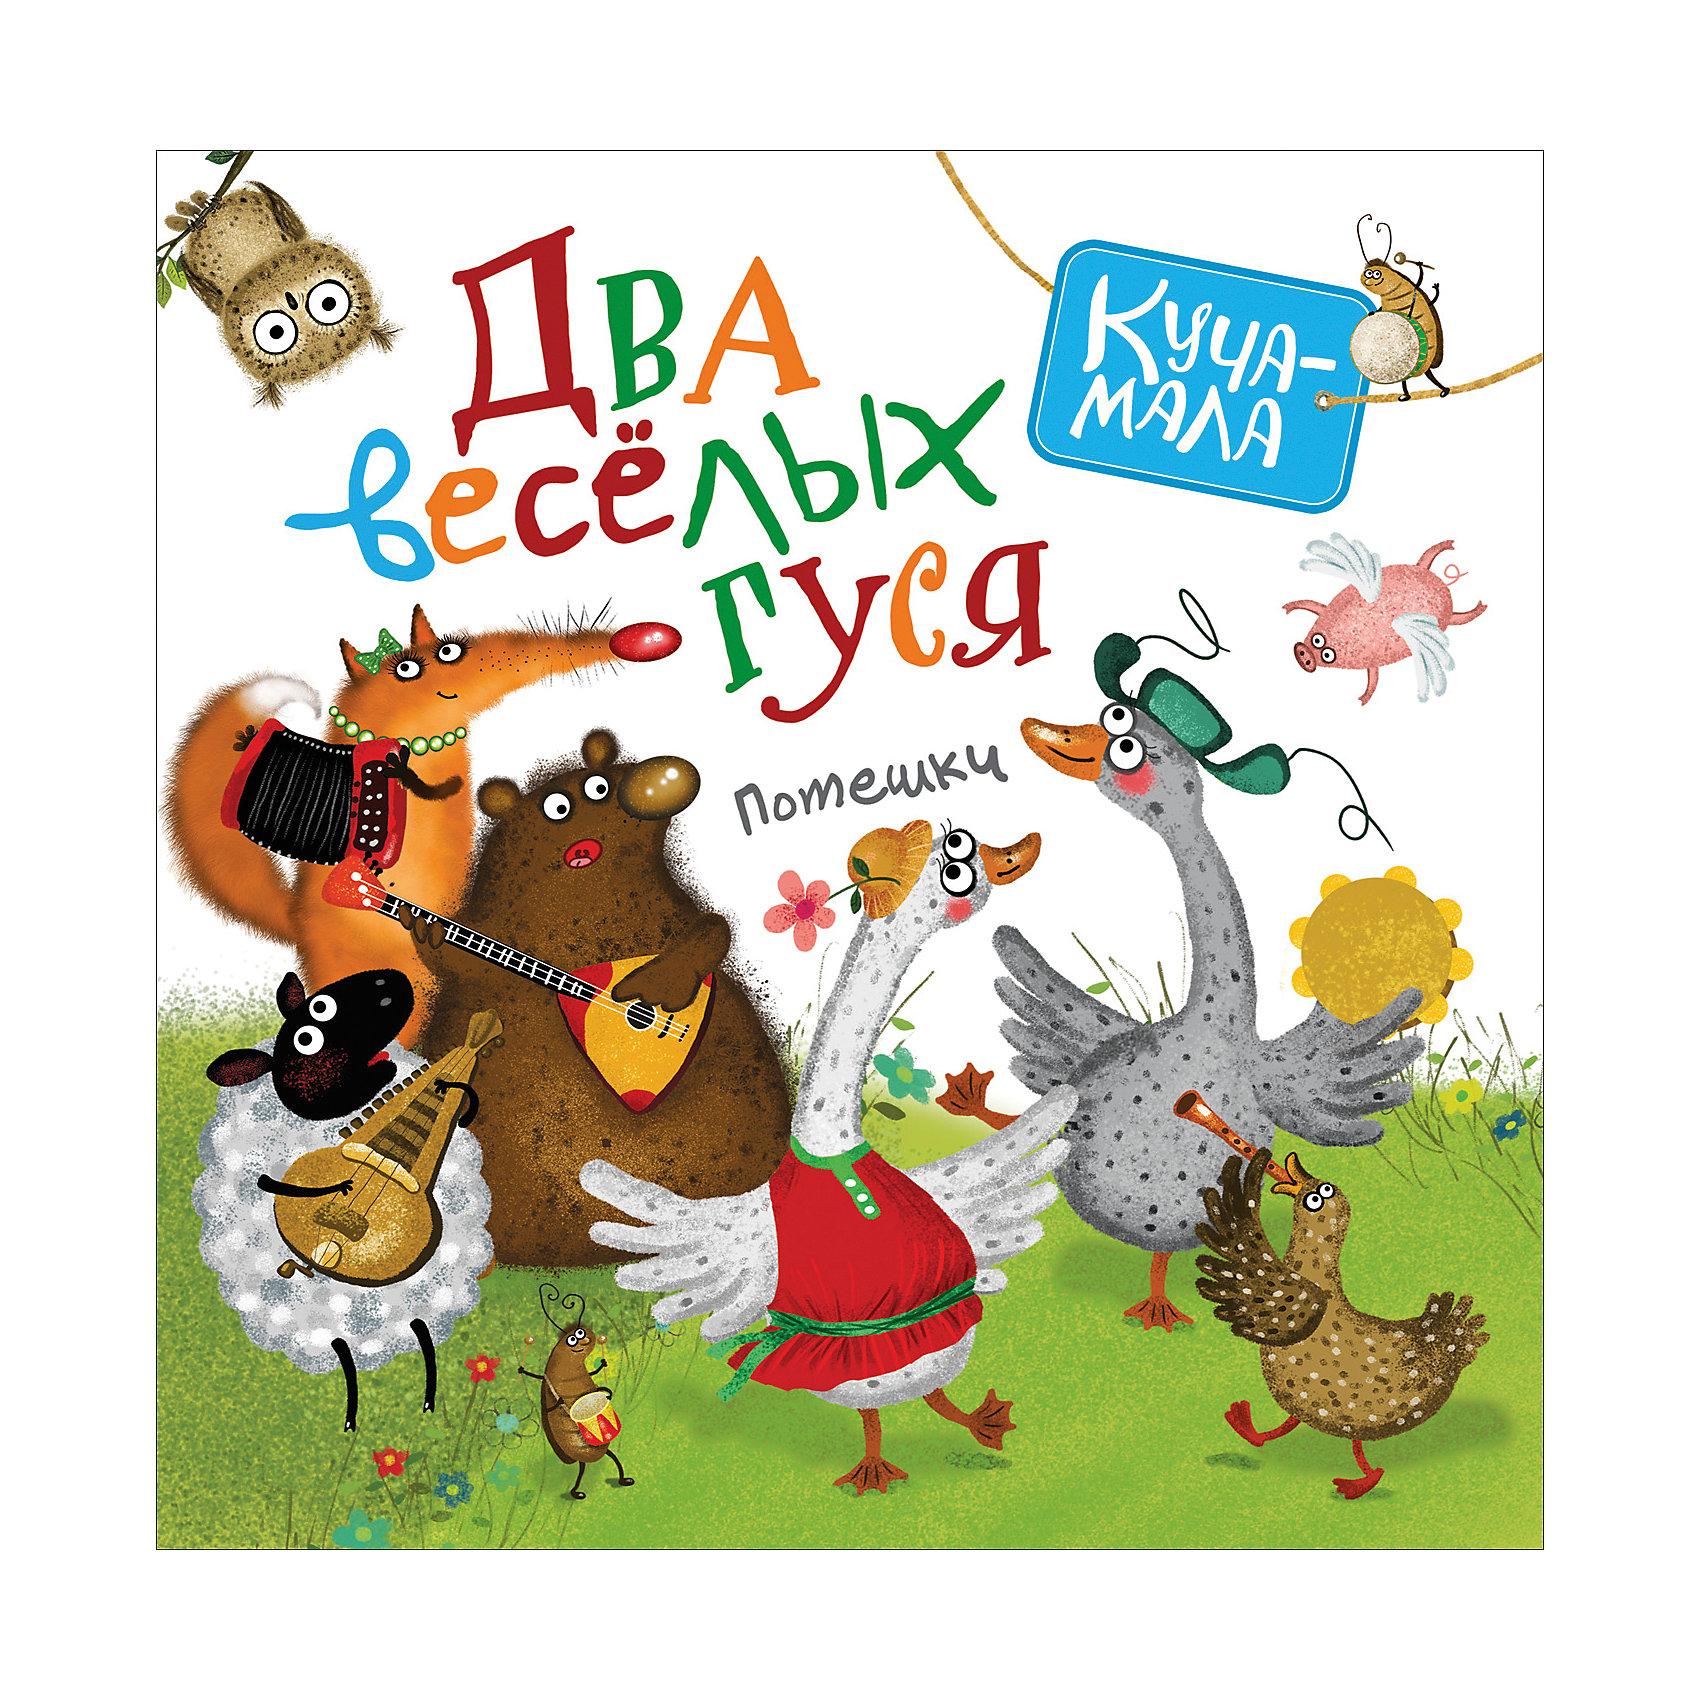 Потешки Два веселых гусяПотешки - самые первые стихи, с которыми знакомится малыш, и самые игровые. Они просто созданы для того, чтобы, читая их, загибать пальчики, хлопать в ладошки, разыгрывать сценки. Именно такие - самые любимые, самые игровые и самые музыкальные - русские народные потешки и вошли в эту книгу. А яркие и очень смешные иллюстрации Яны Кочановой, без сомнения, будут радовать и малышей, и их родителей долго-долго.<br><br>Ширина мм: 225<br>Глубина мм: 225<br>Высота мм: 60<br>Вес г: 285<br>Возраст от месяцев: 36<br>Возраст до месяцев: 2147483647<br>Пол: Унисекс<br>Возраст: Детский<br>SKU: 5453580